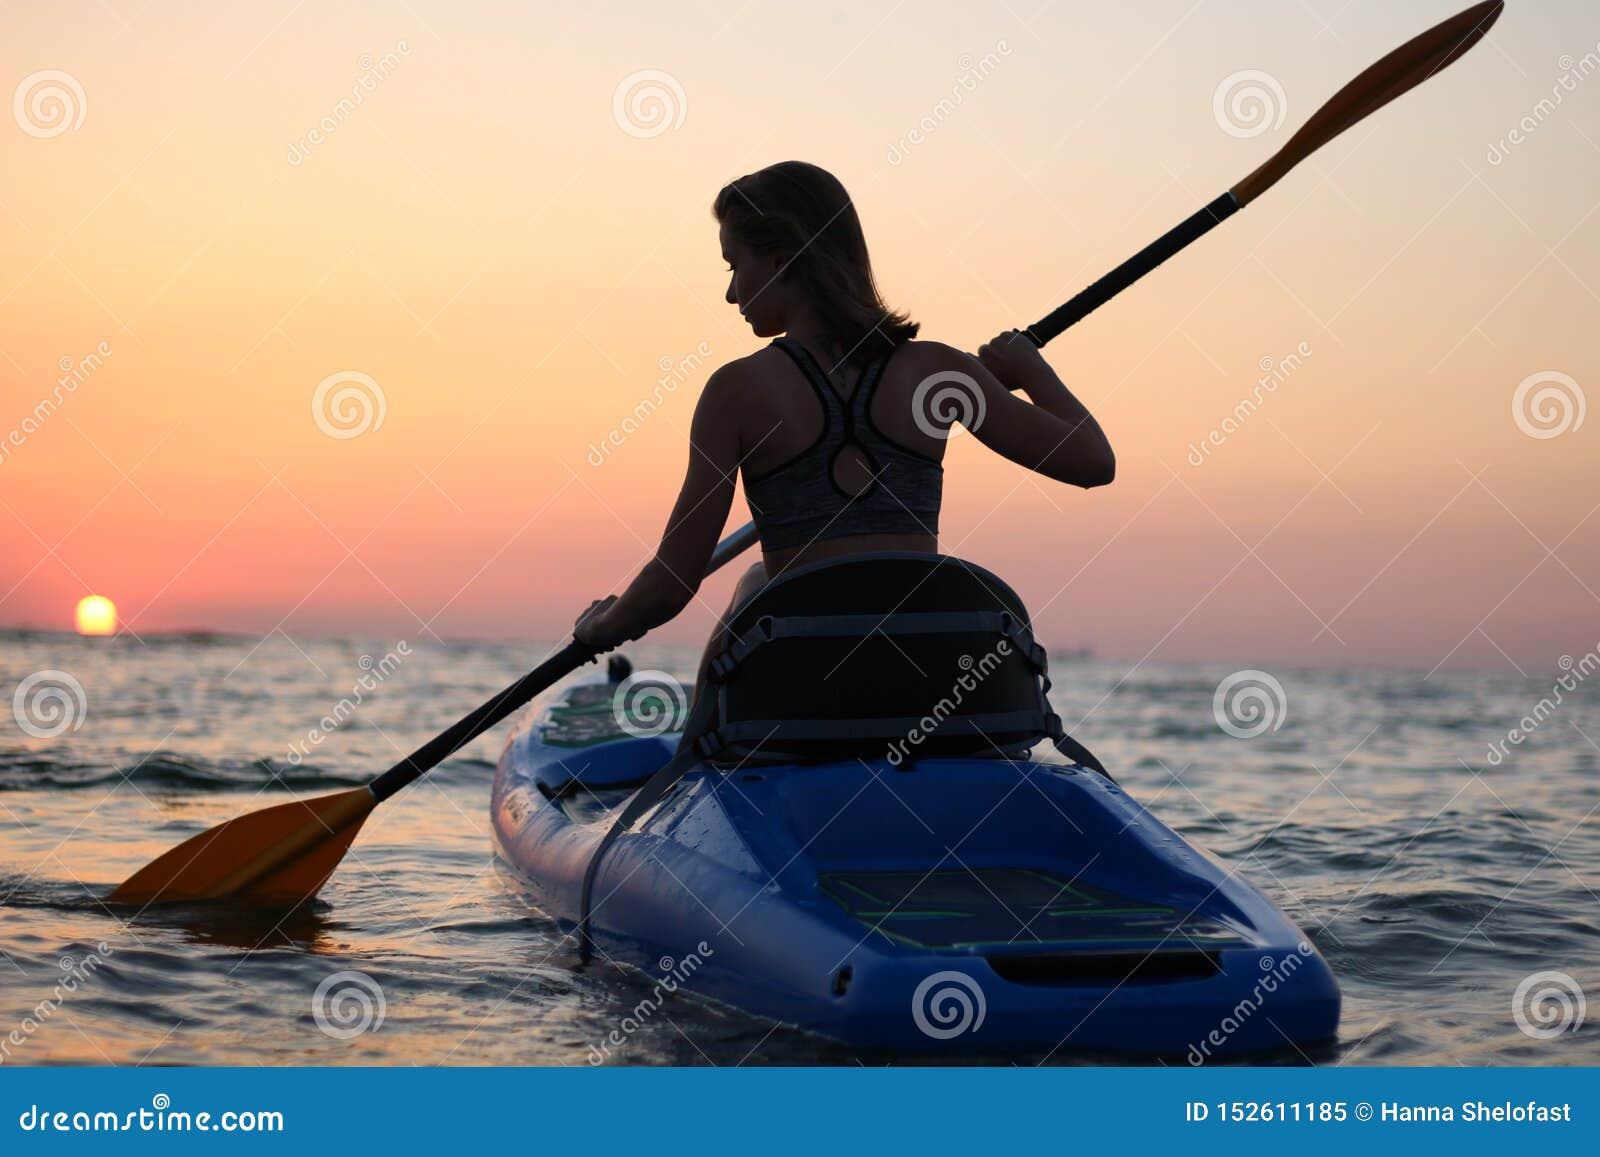 La ragazza sul kajak accoglie l alba del sole